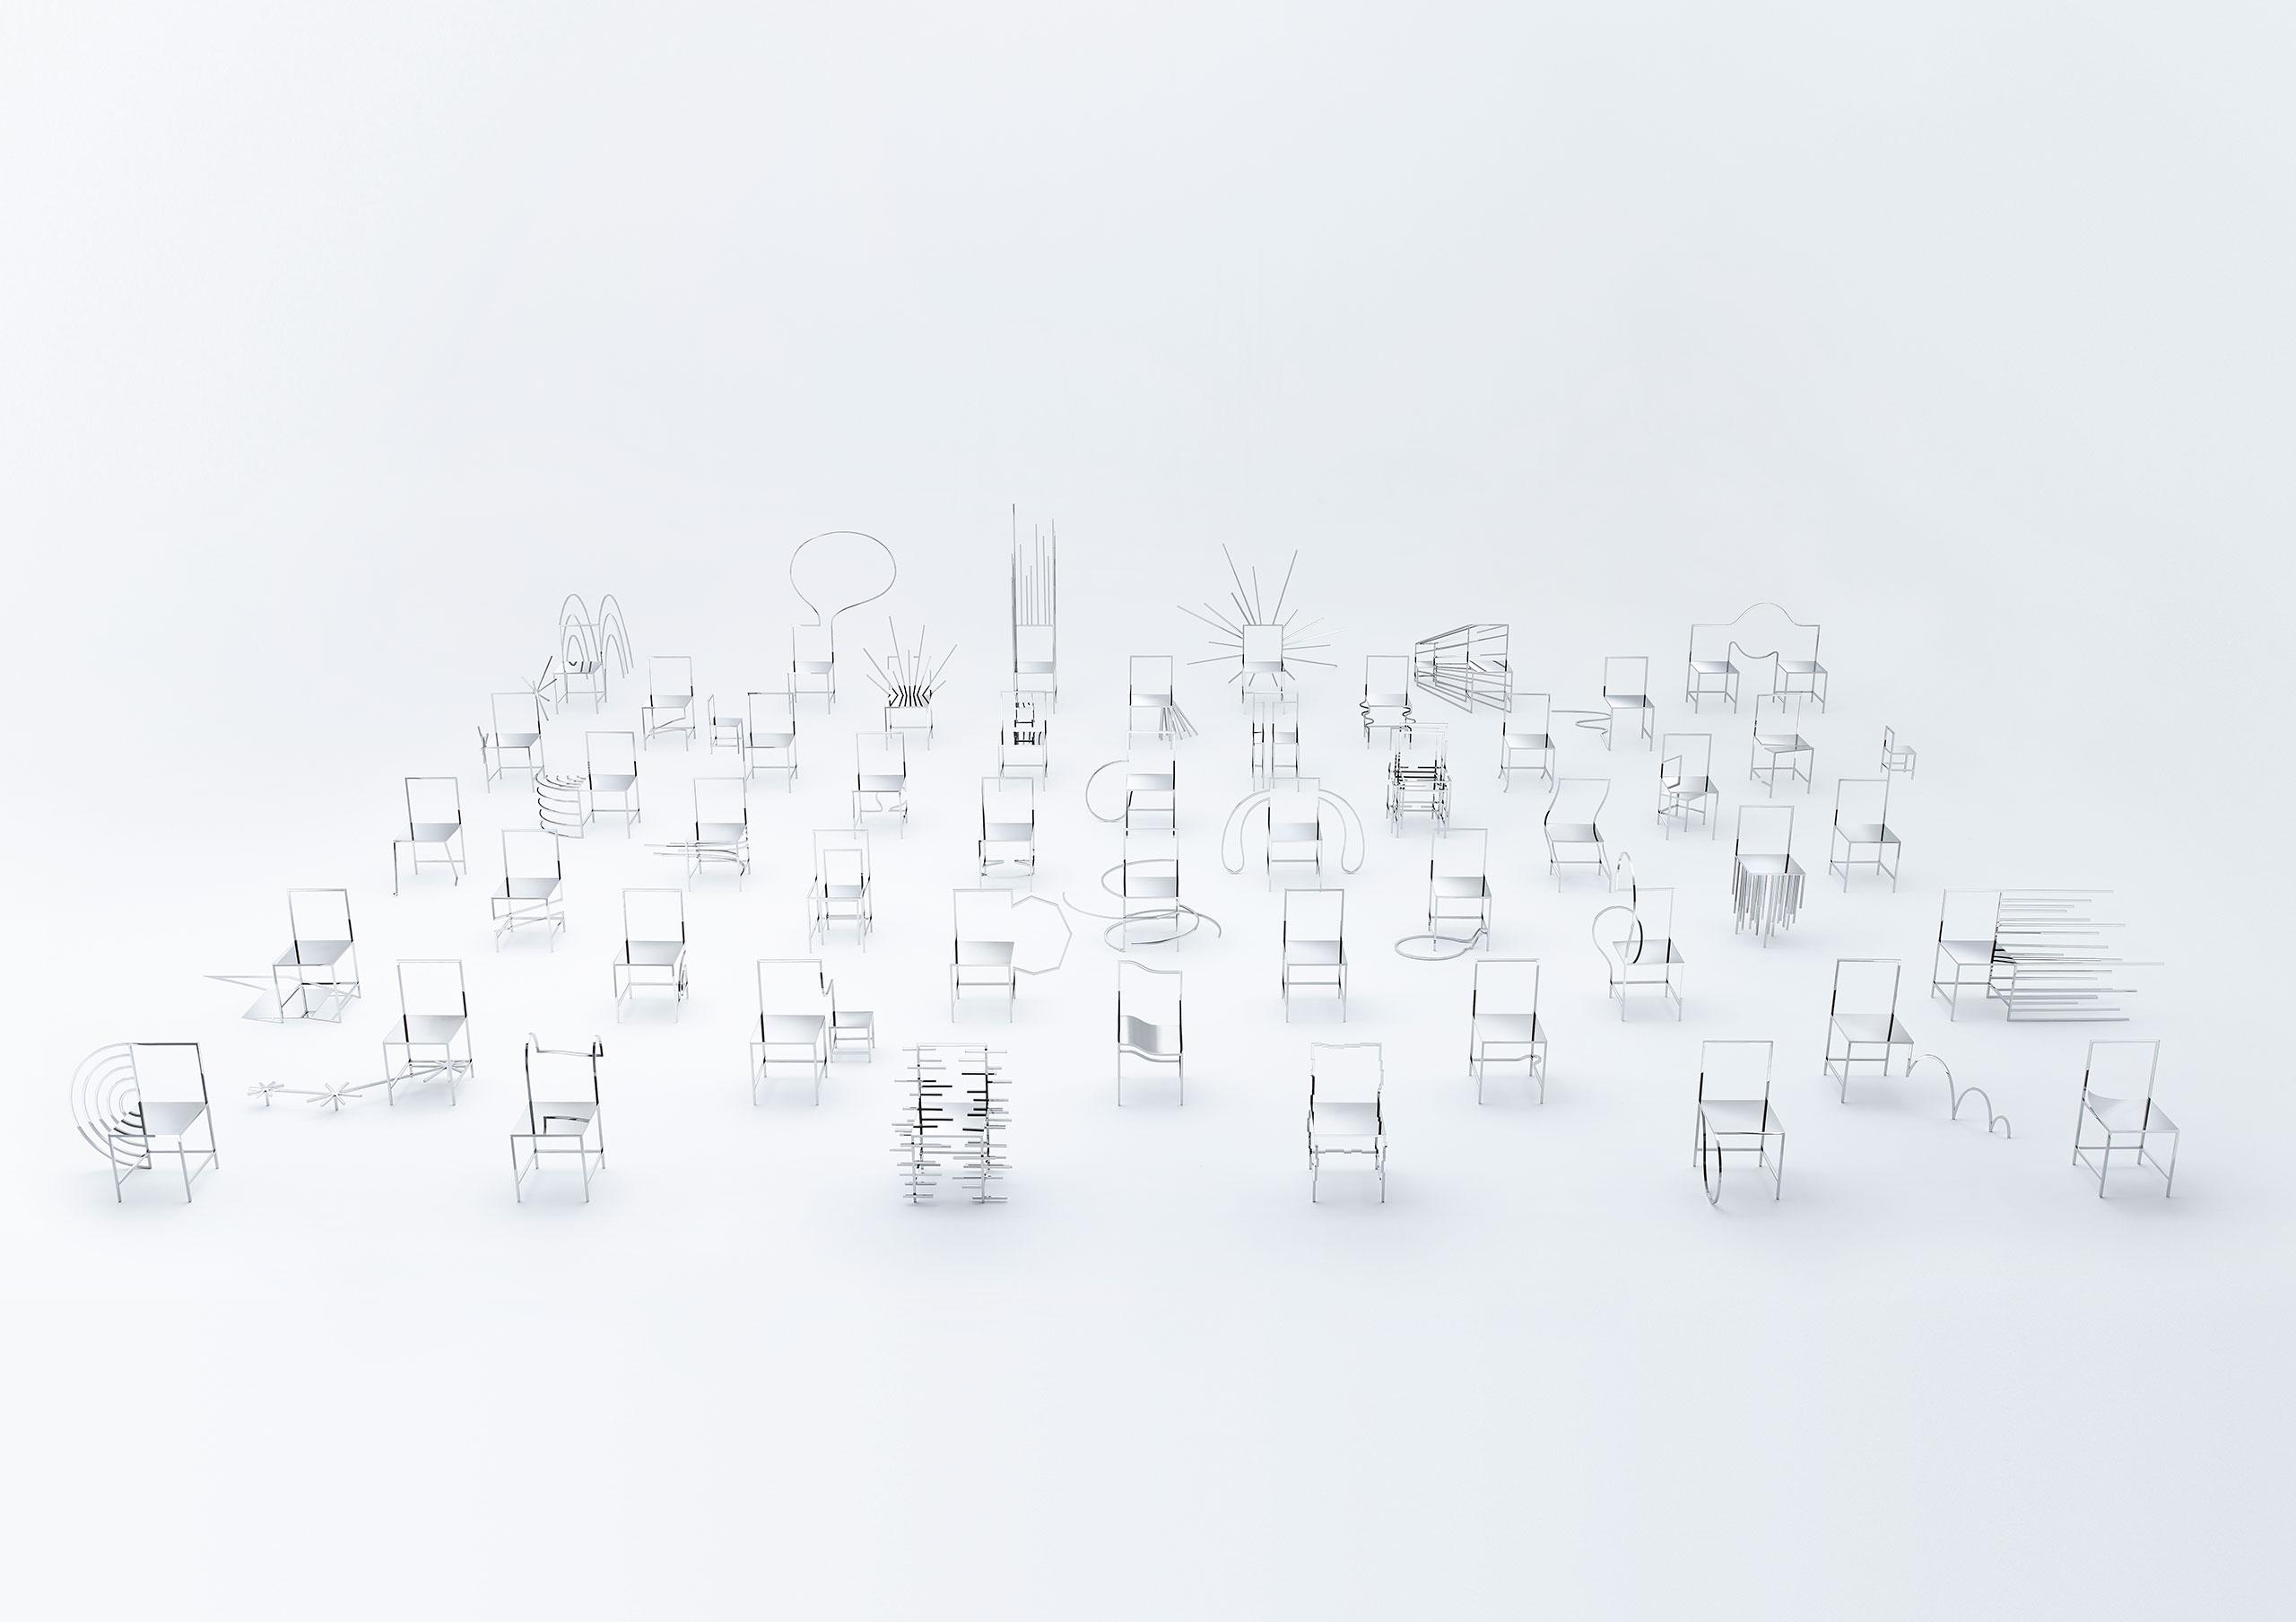 p5_50_manga_chairs_nendo_for_friedman_benda_photo_kenichi_sonehara_yatzer